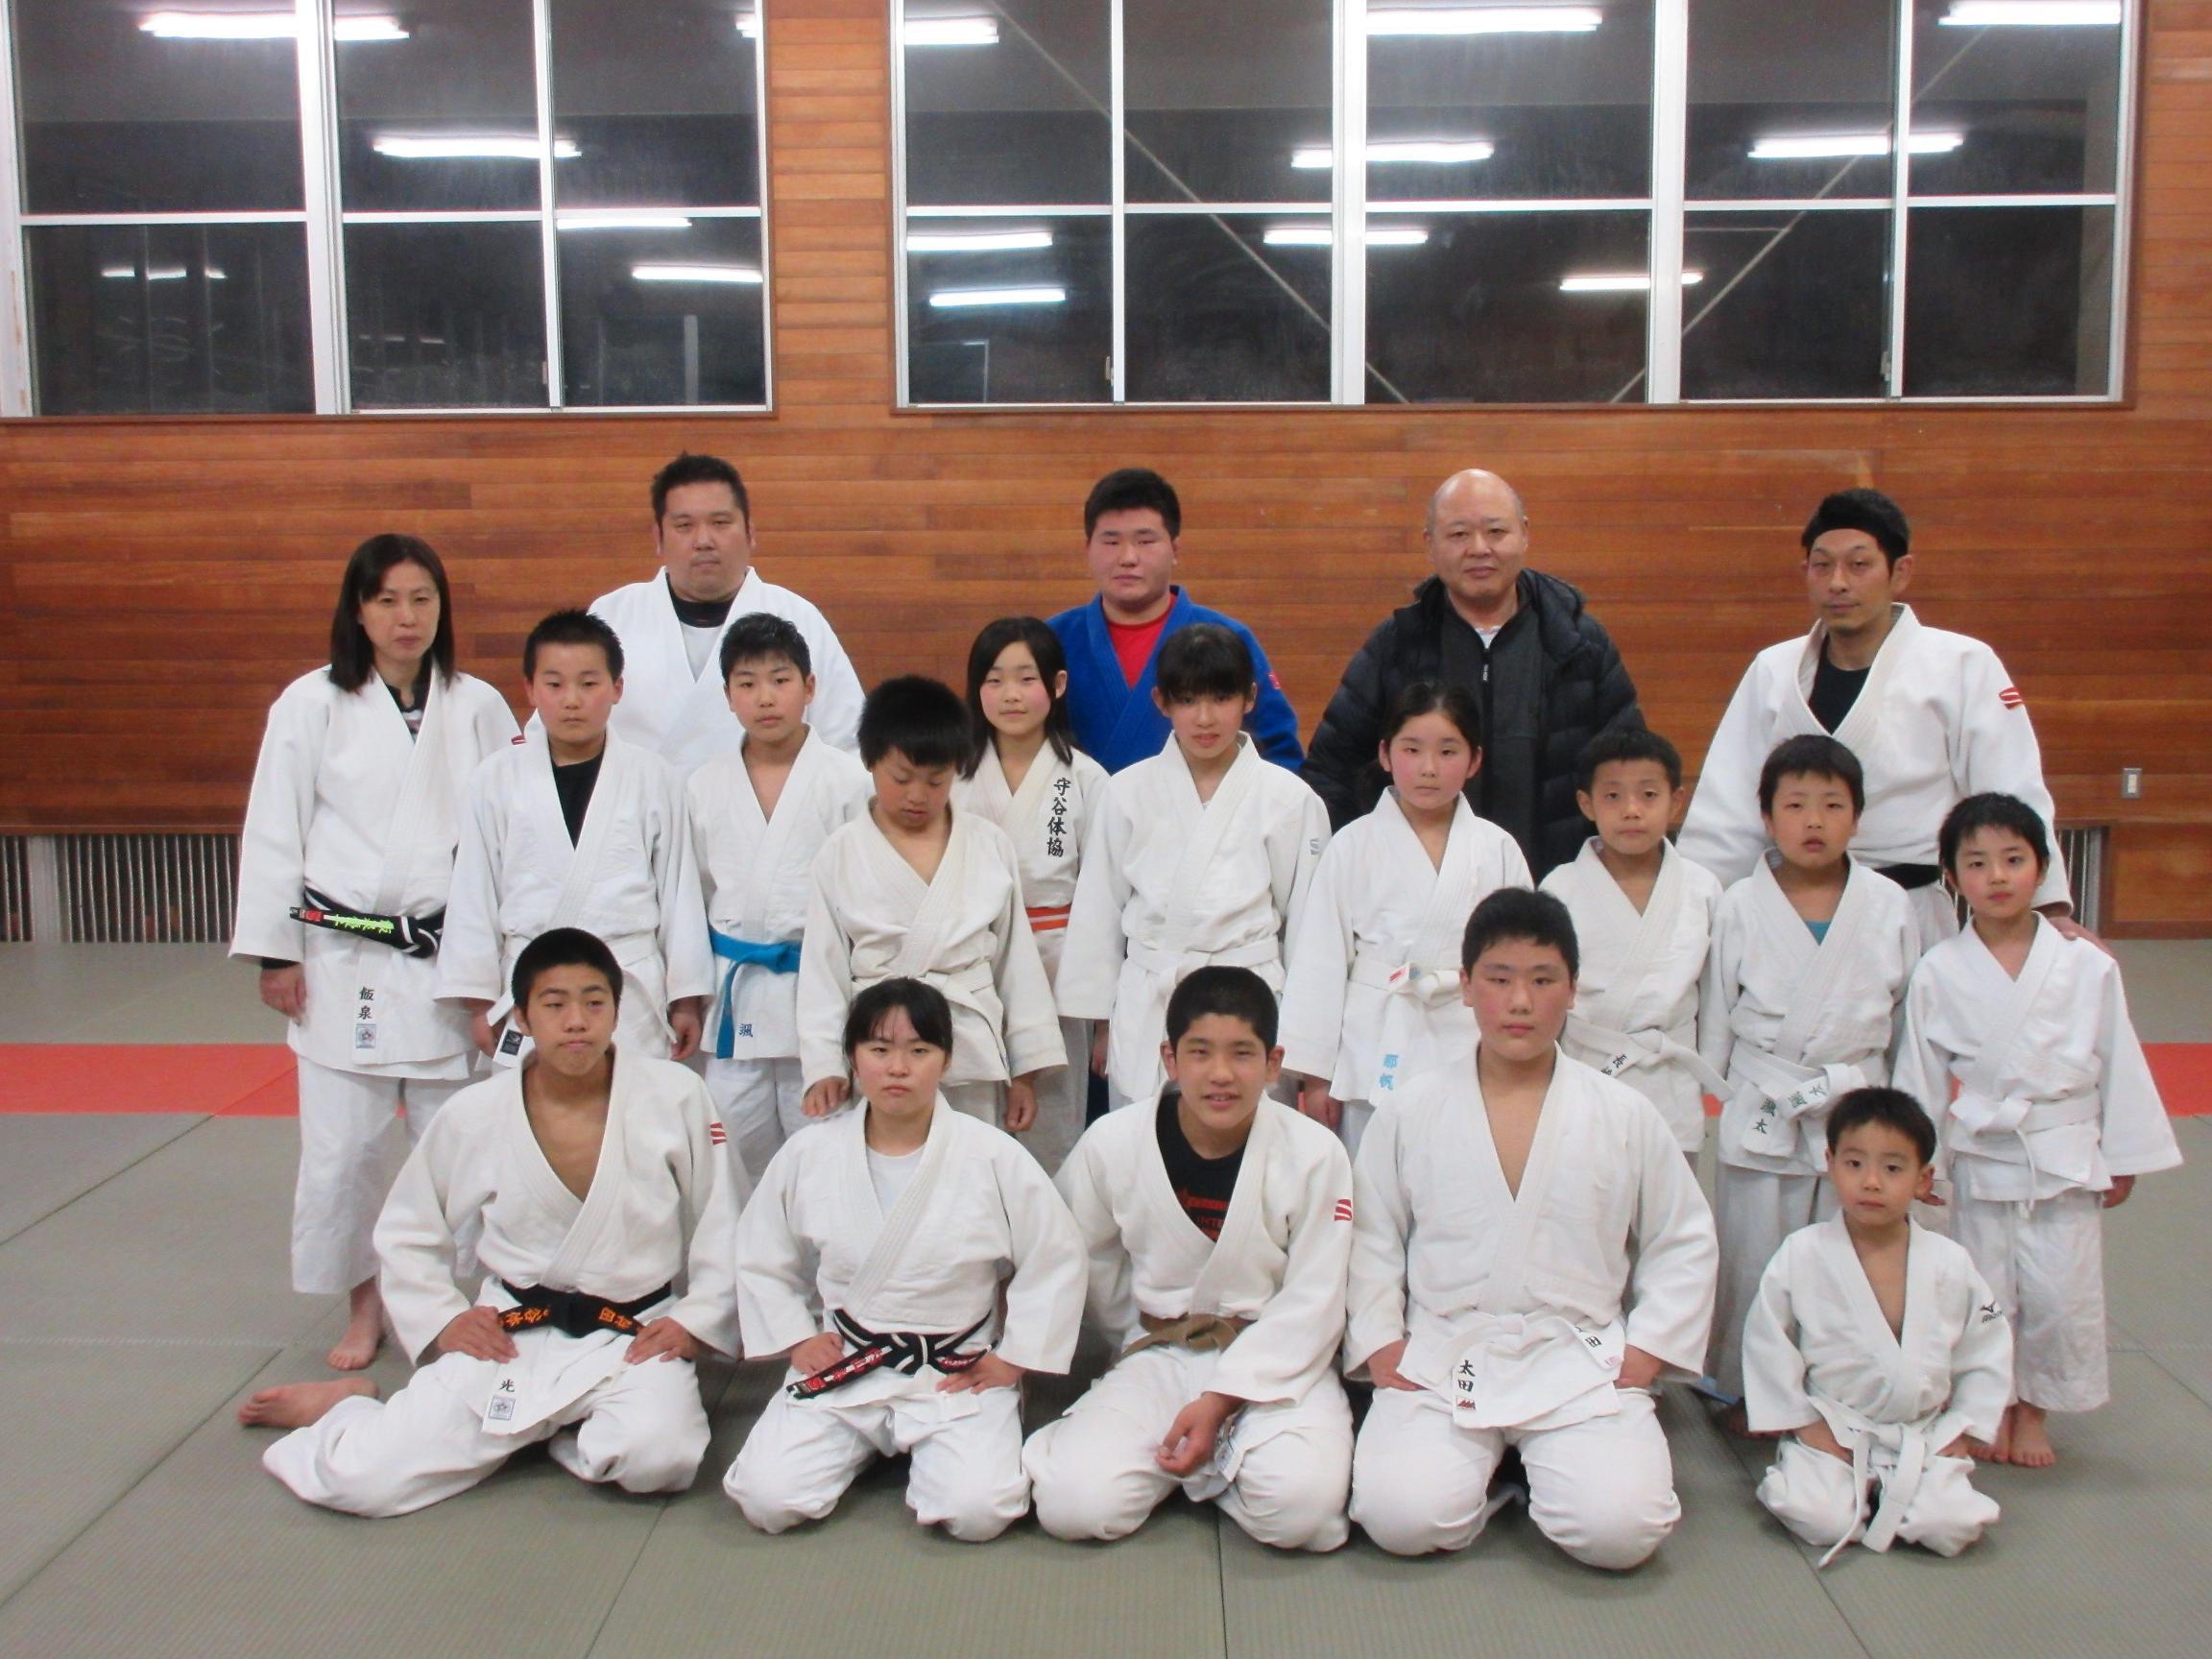 スポーツ柔道